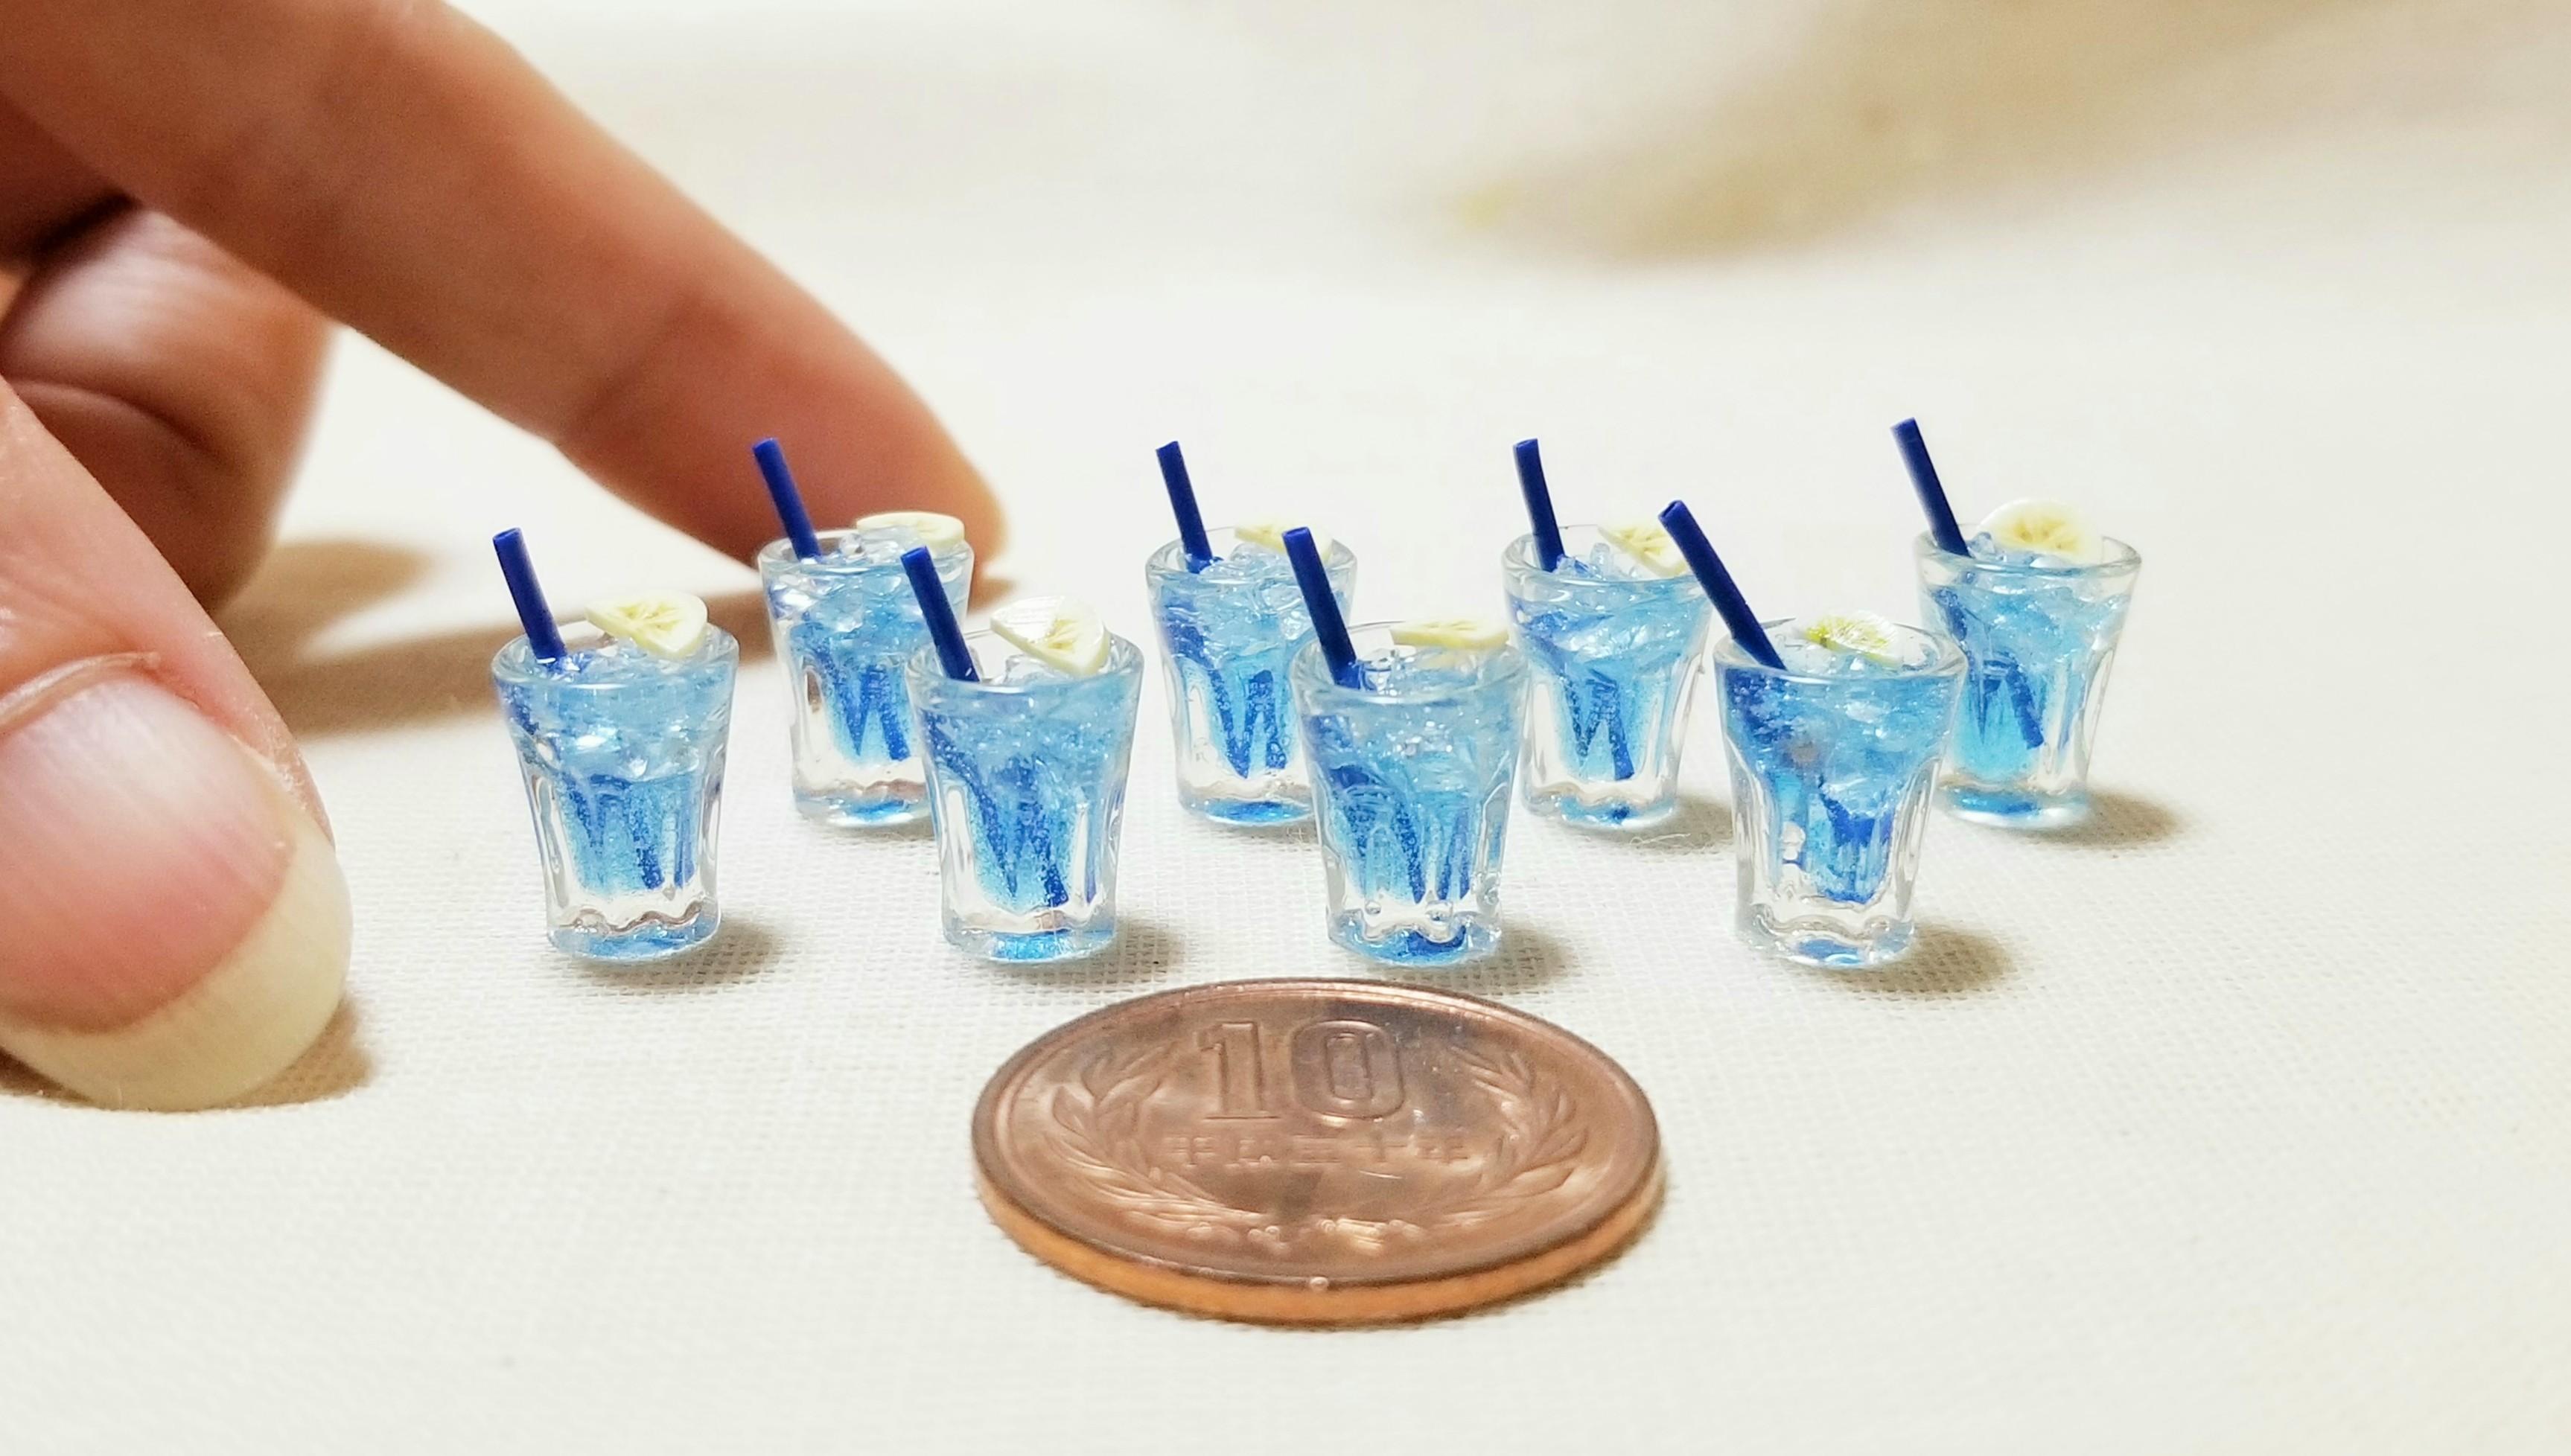 ミニチュアフード飲み物ドリンクおいしい夏爽やかな冷たい人気商品